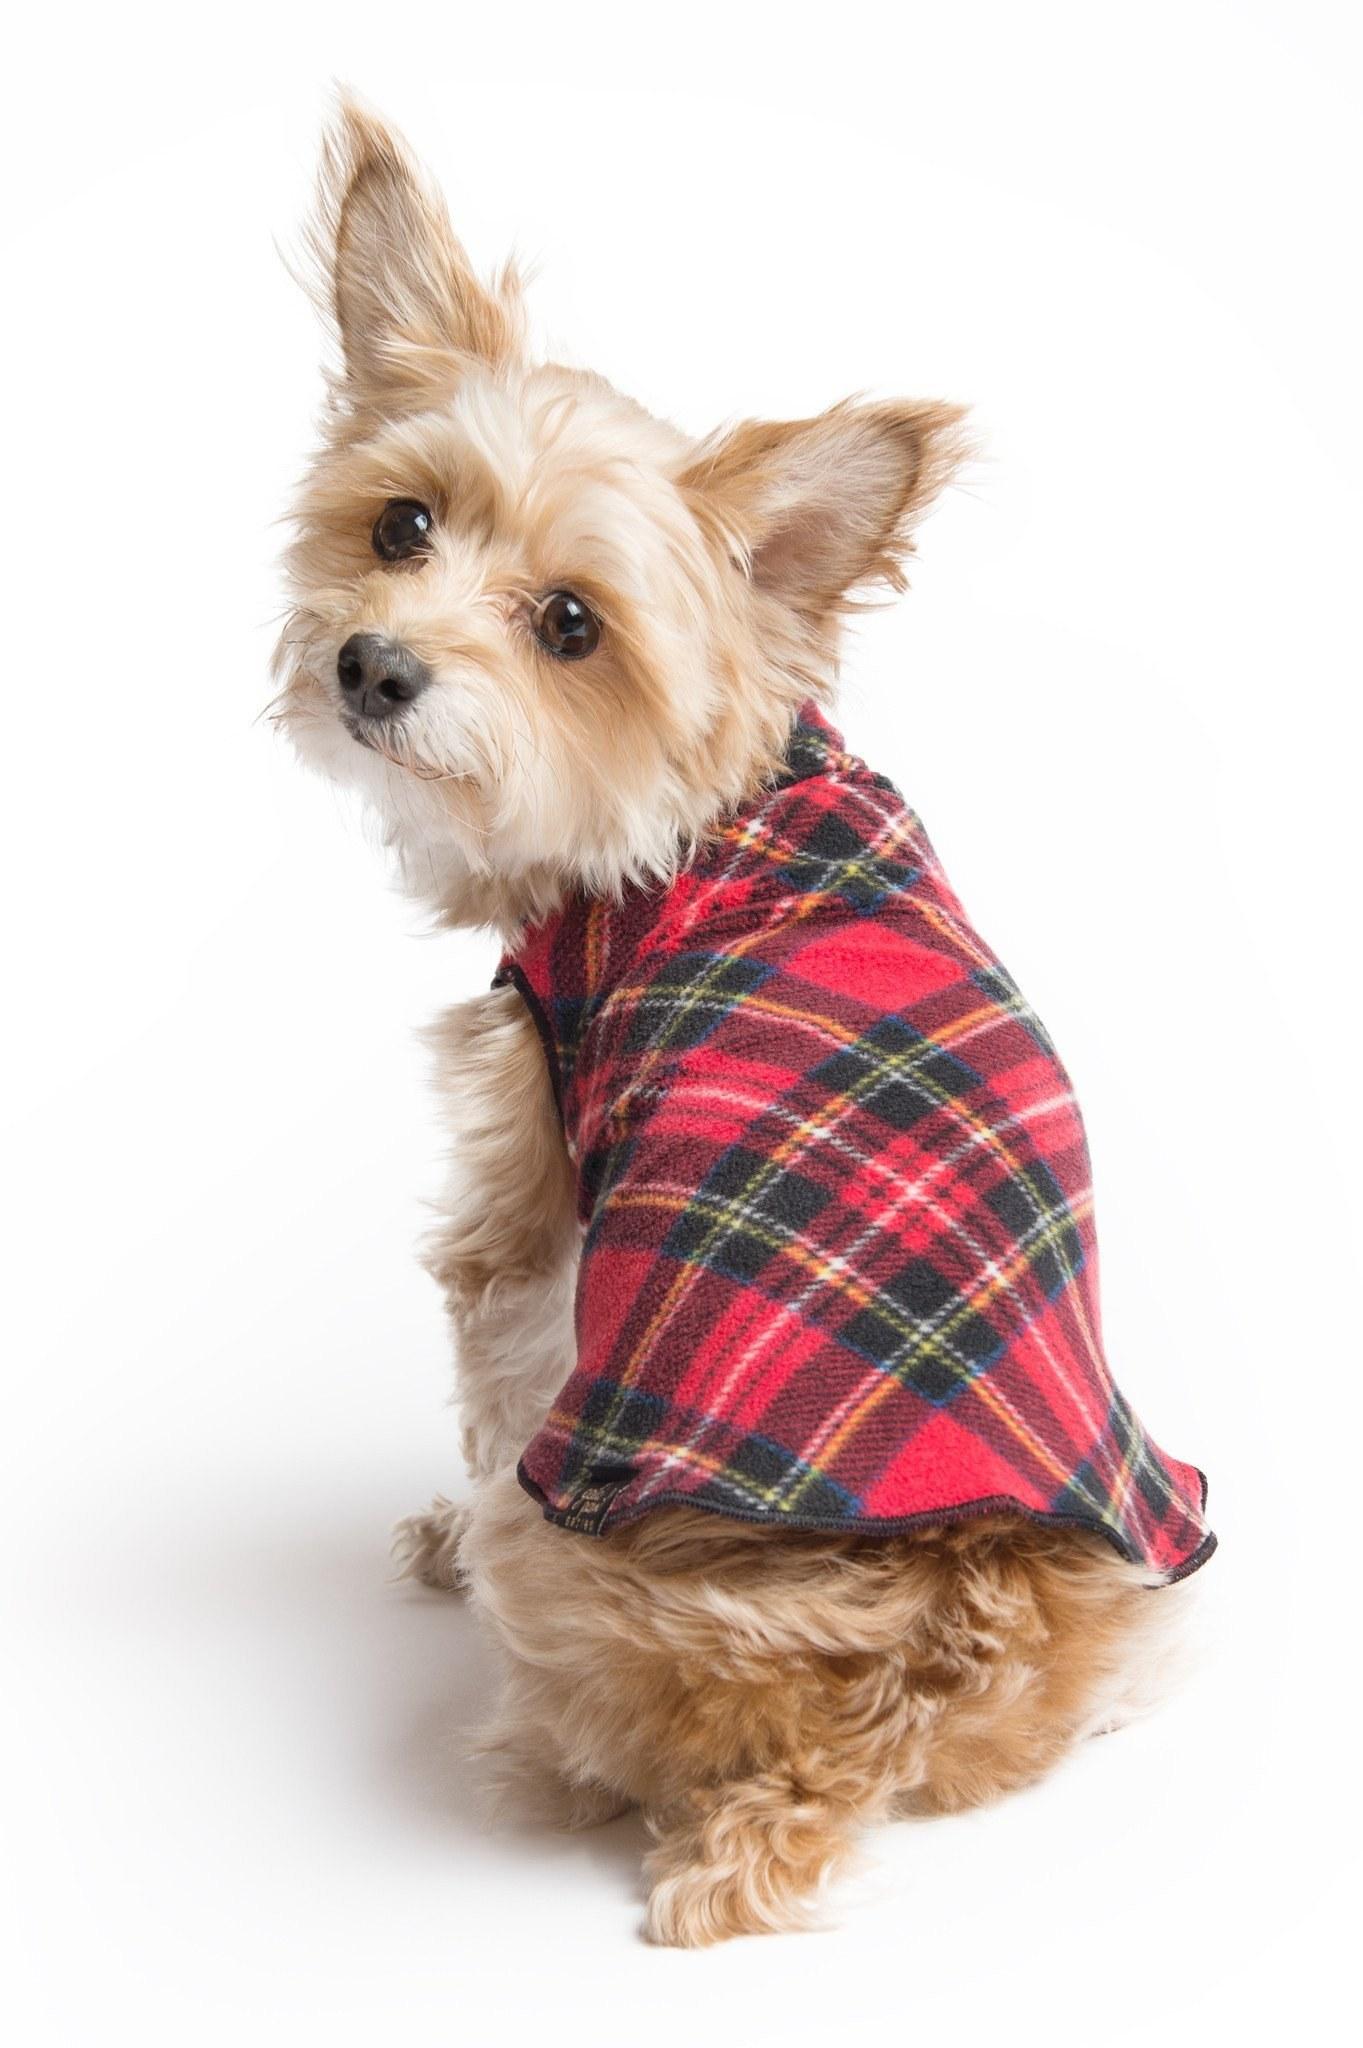 Tartan Pet Fashion - Stewart Royal